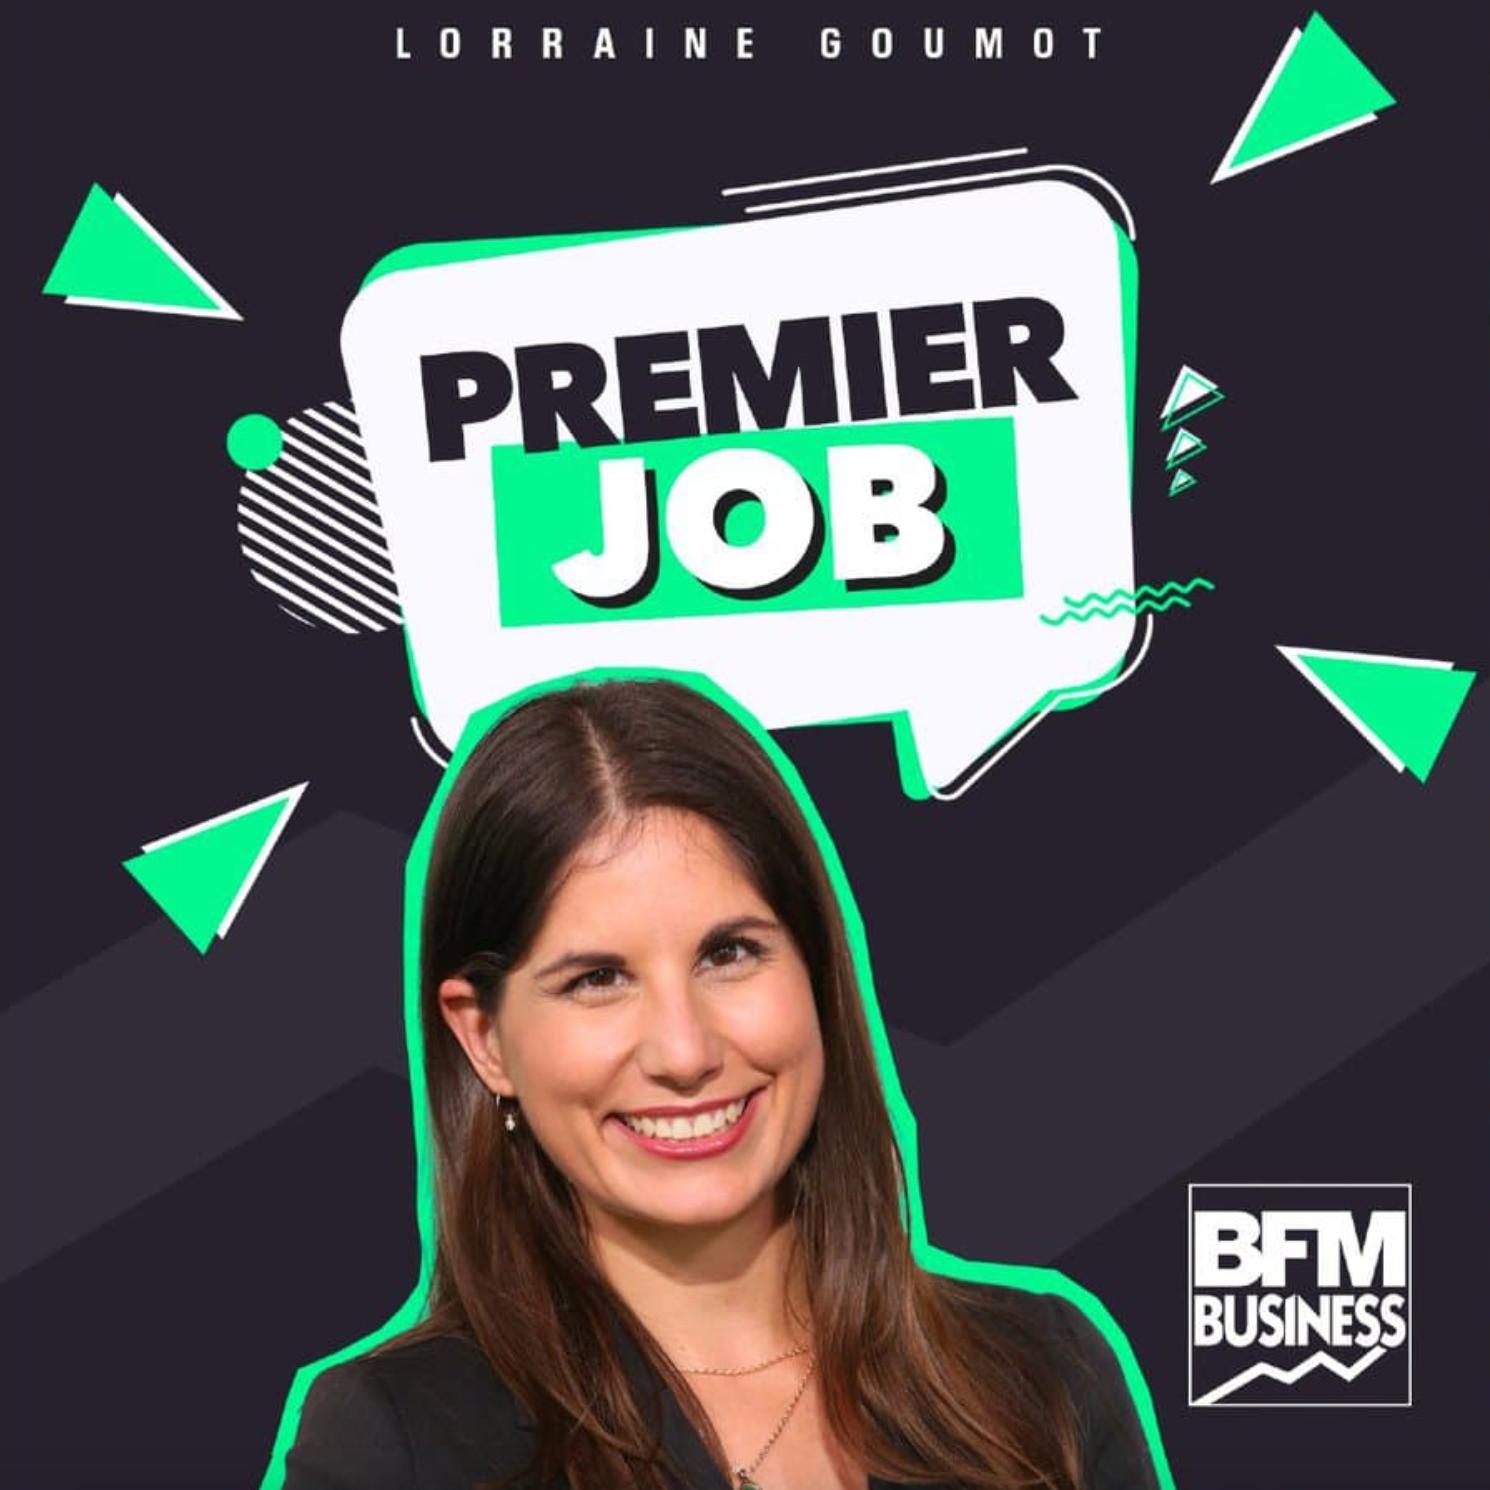 Un nouveau podcast natif pour BFM Business